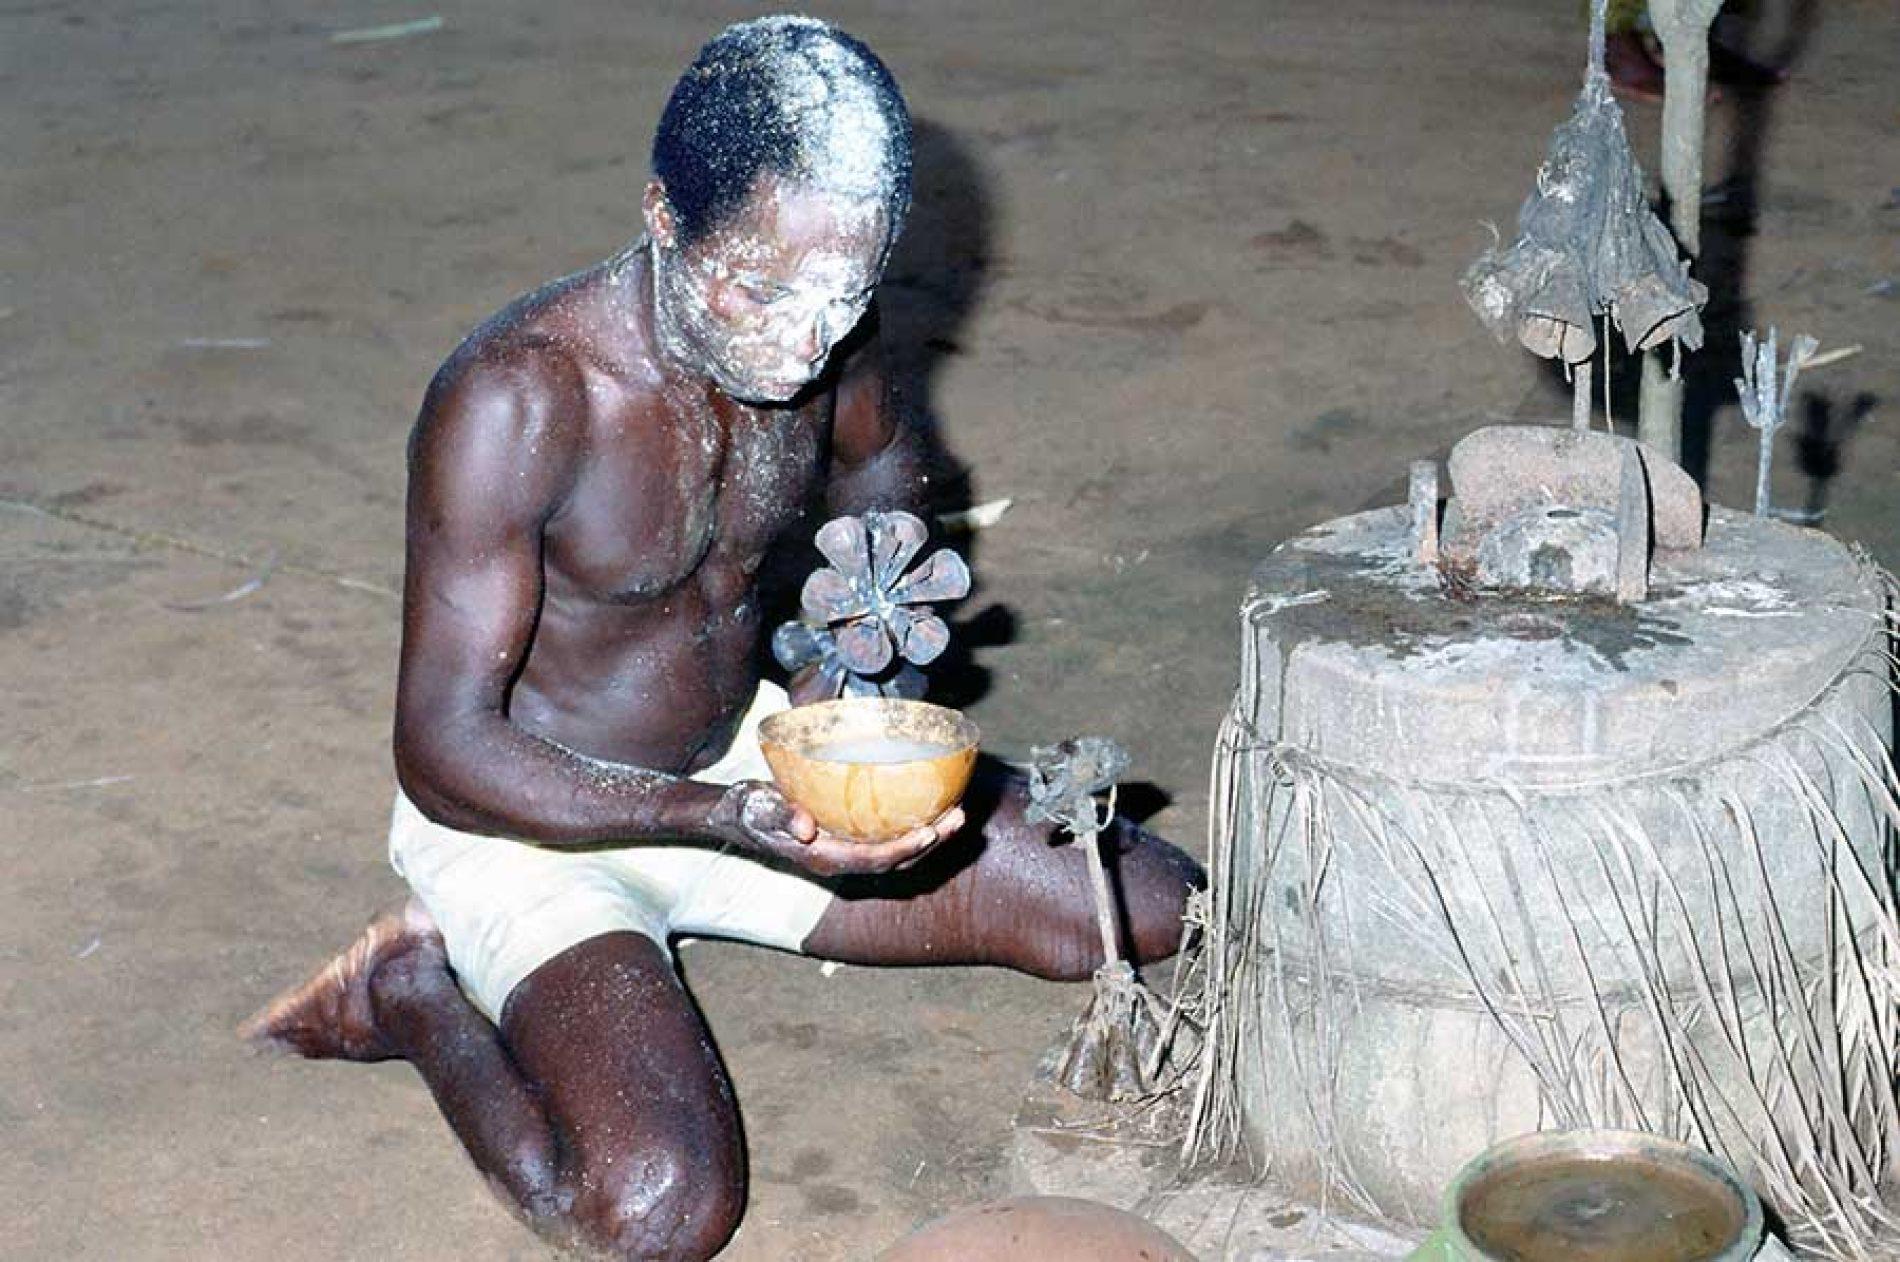 Vodou haitiano